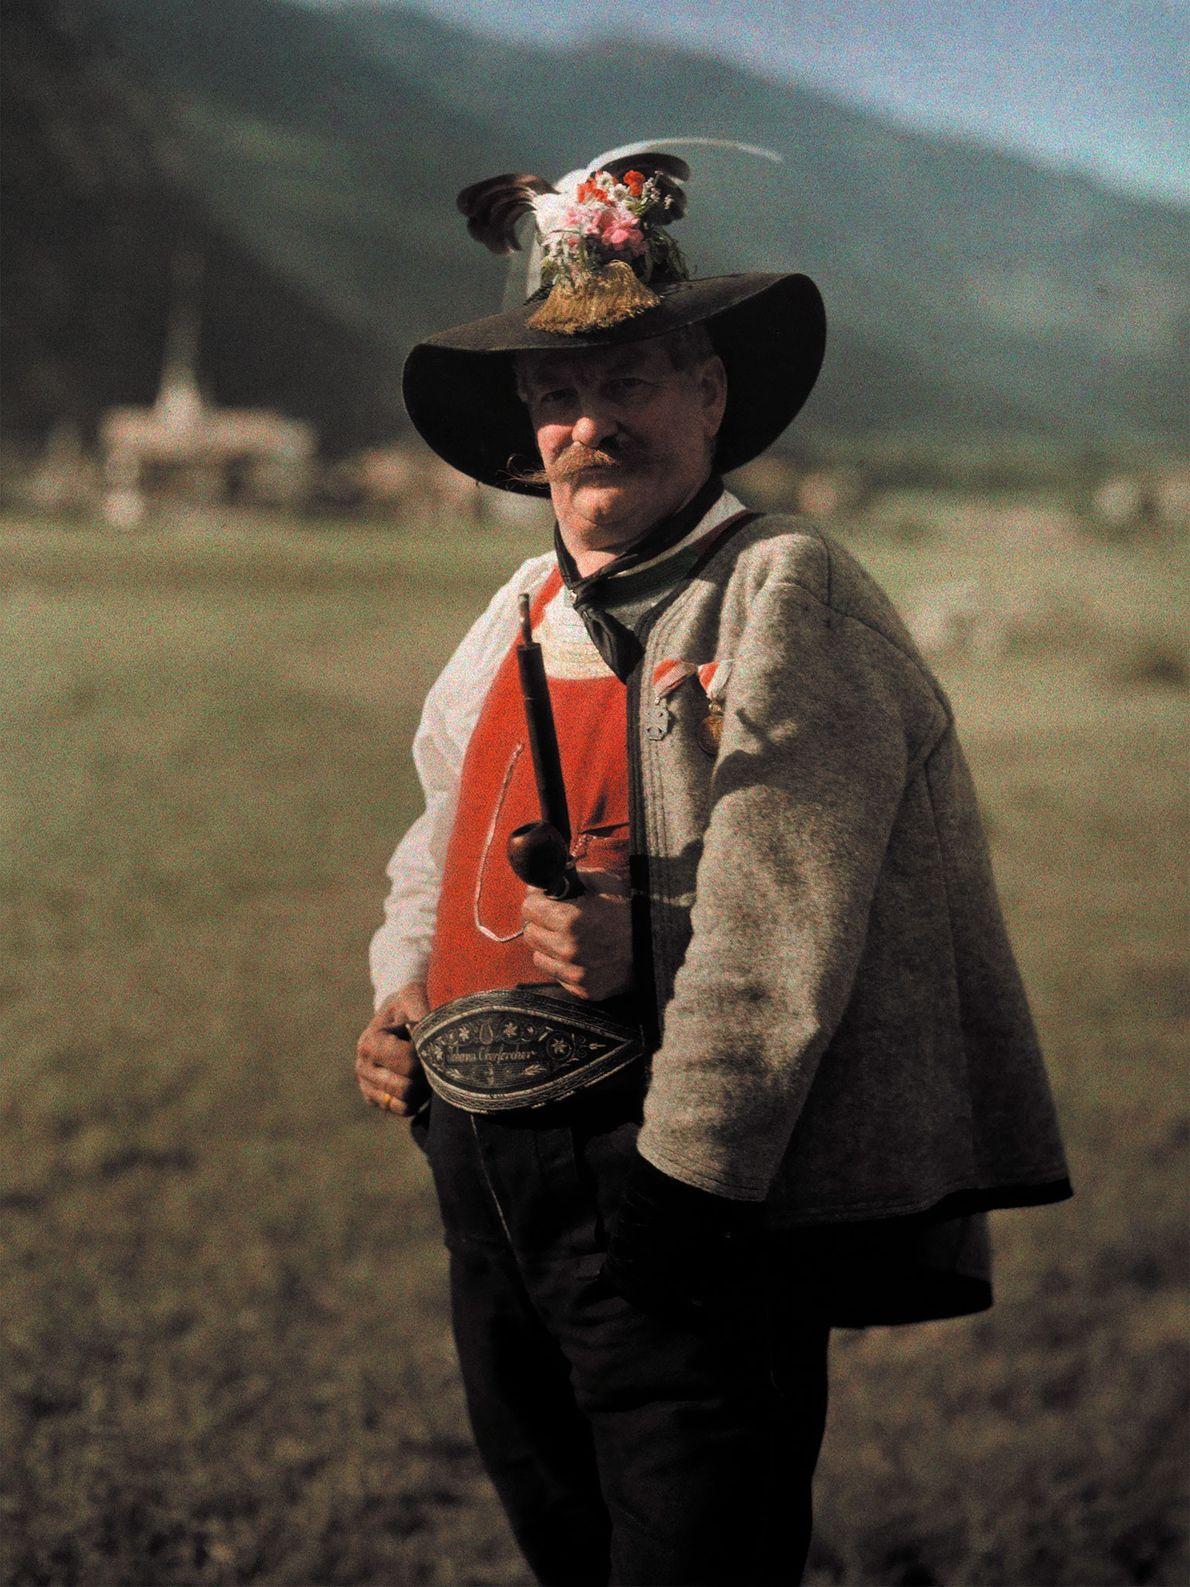 Ein Mann aus dem Zilltertal in Österreich trägt einen kunstvoll gefertigten Hut, der mit Federn, Blumen ...